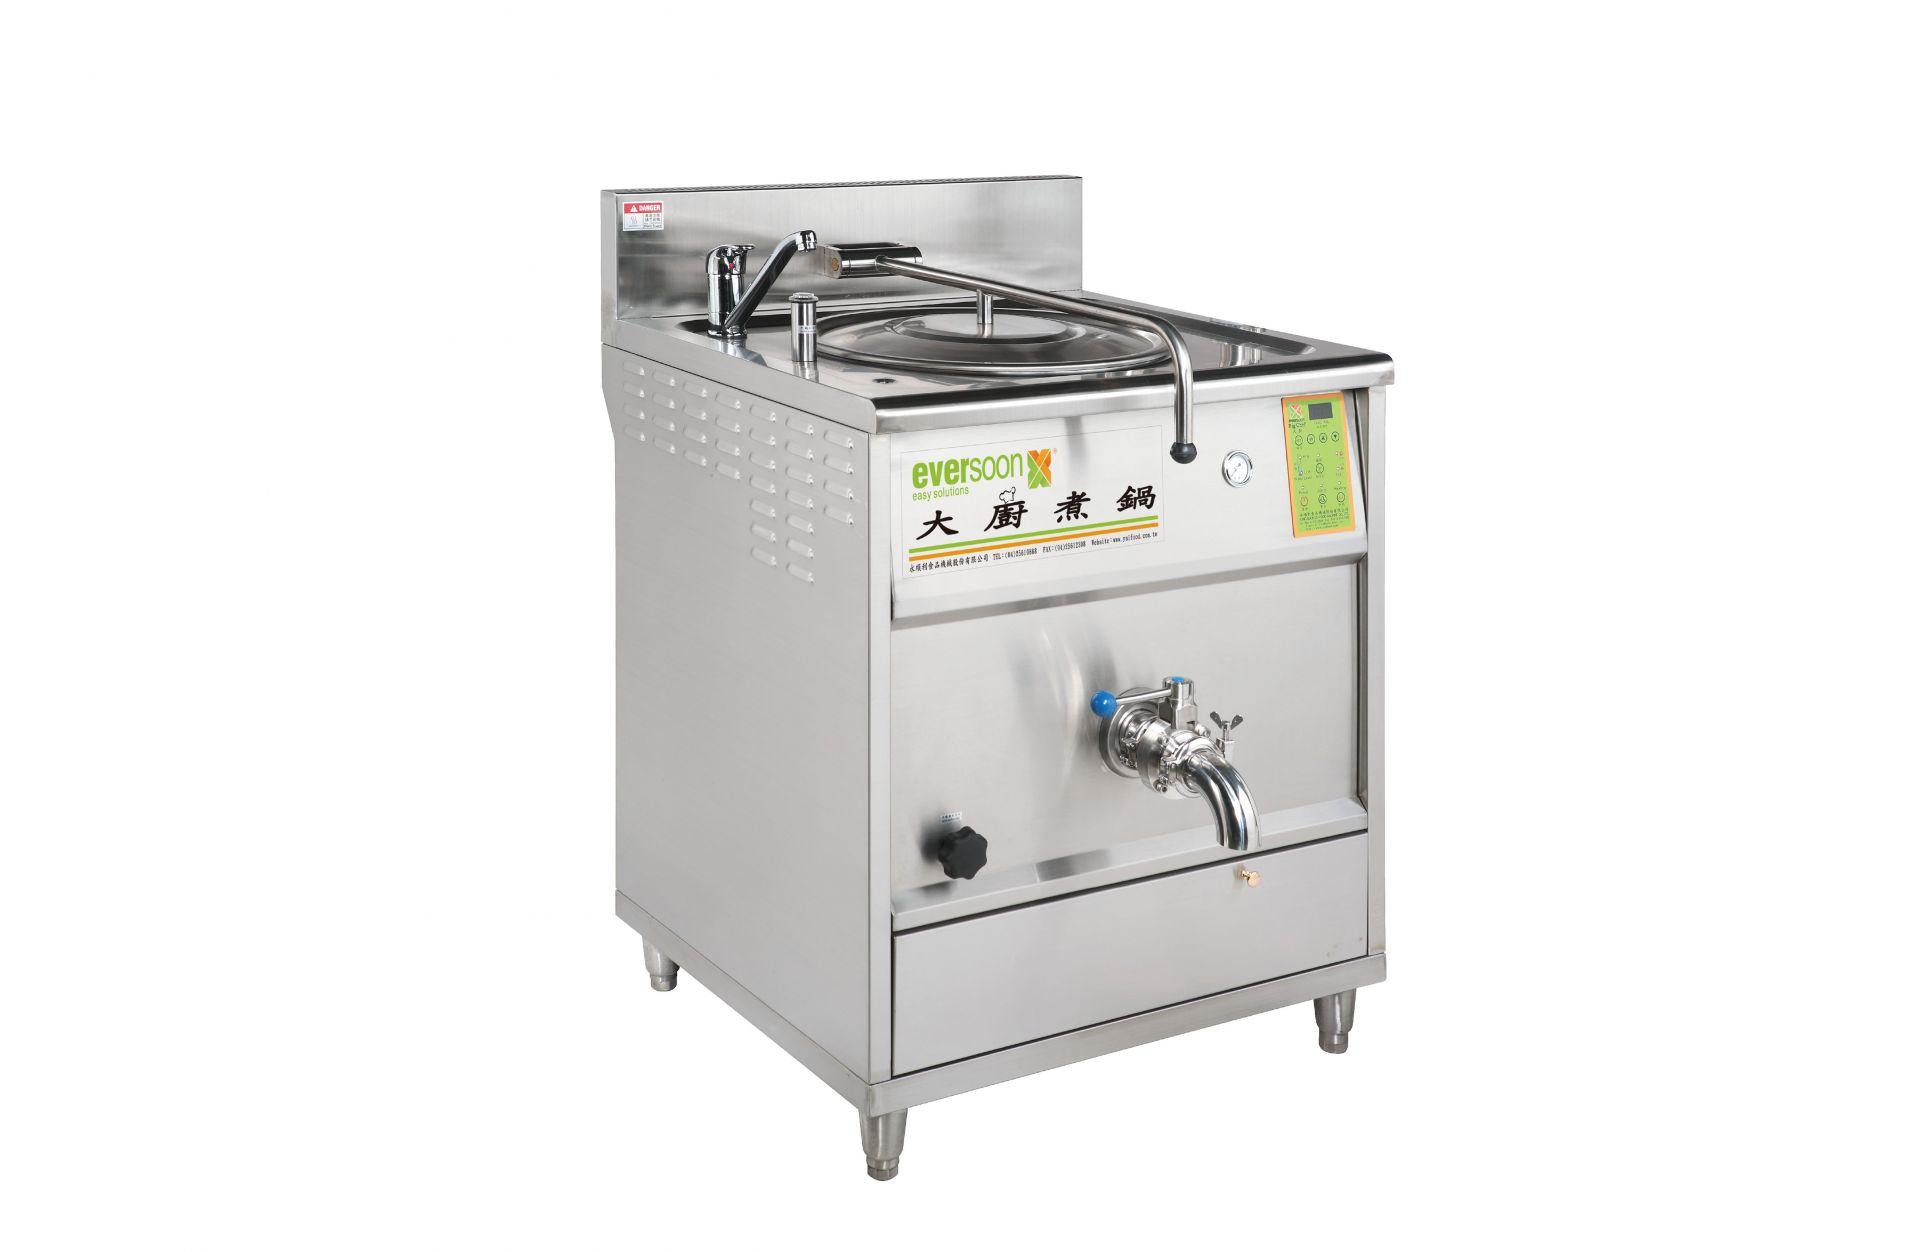 Sojapiima keedupanumasin - Boliing Pan-masinat saab kasutada mitte ainult sojapiima, vaid ka riisipiima, supi ja kontsentreeritud kastme nagu spagetikastme valmistamiseks.